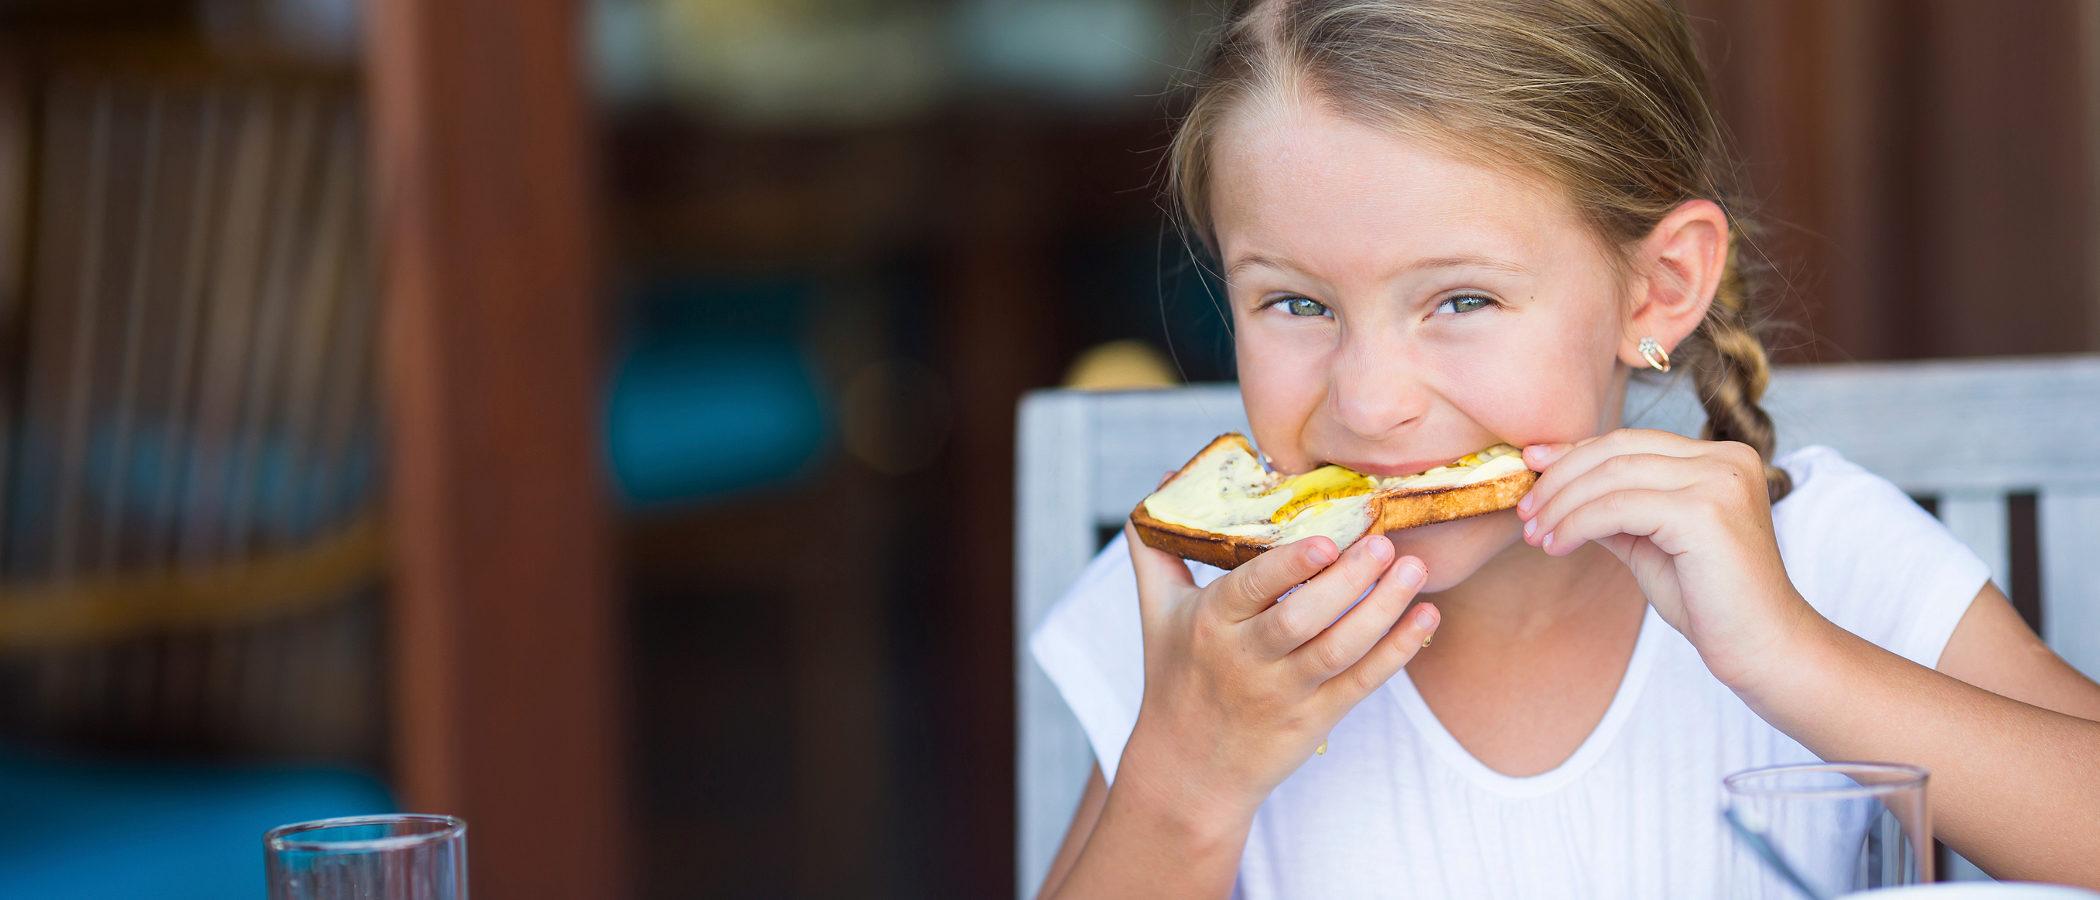 Consejos para que tus hijos tengan una buena alimentación